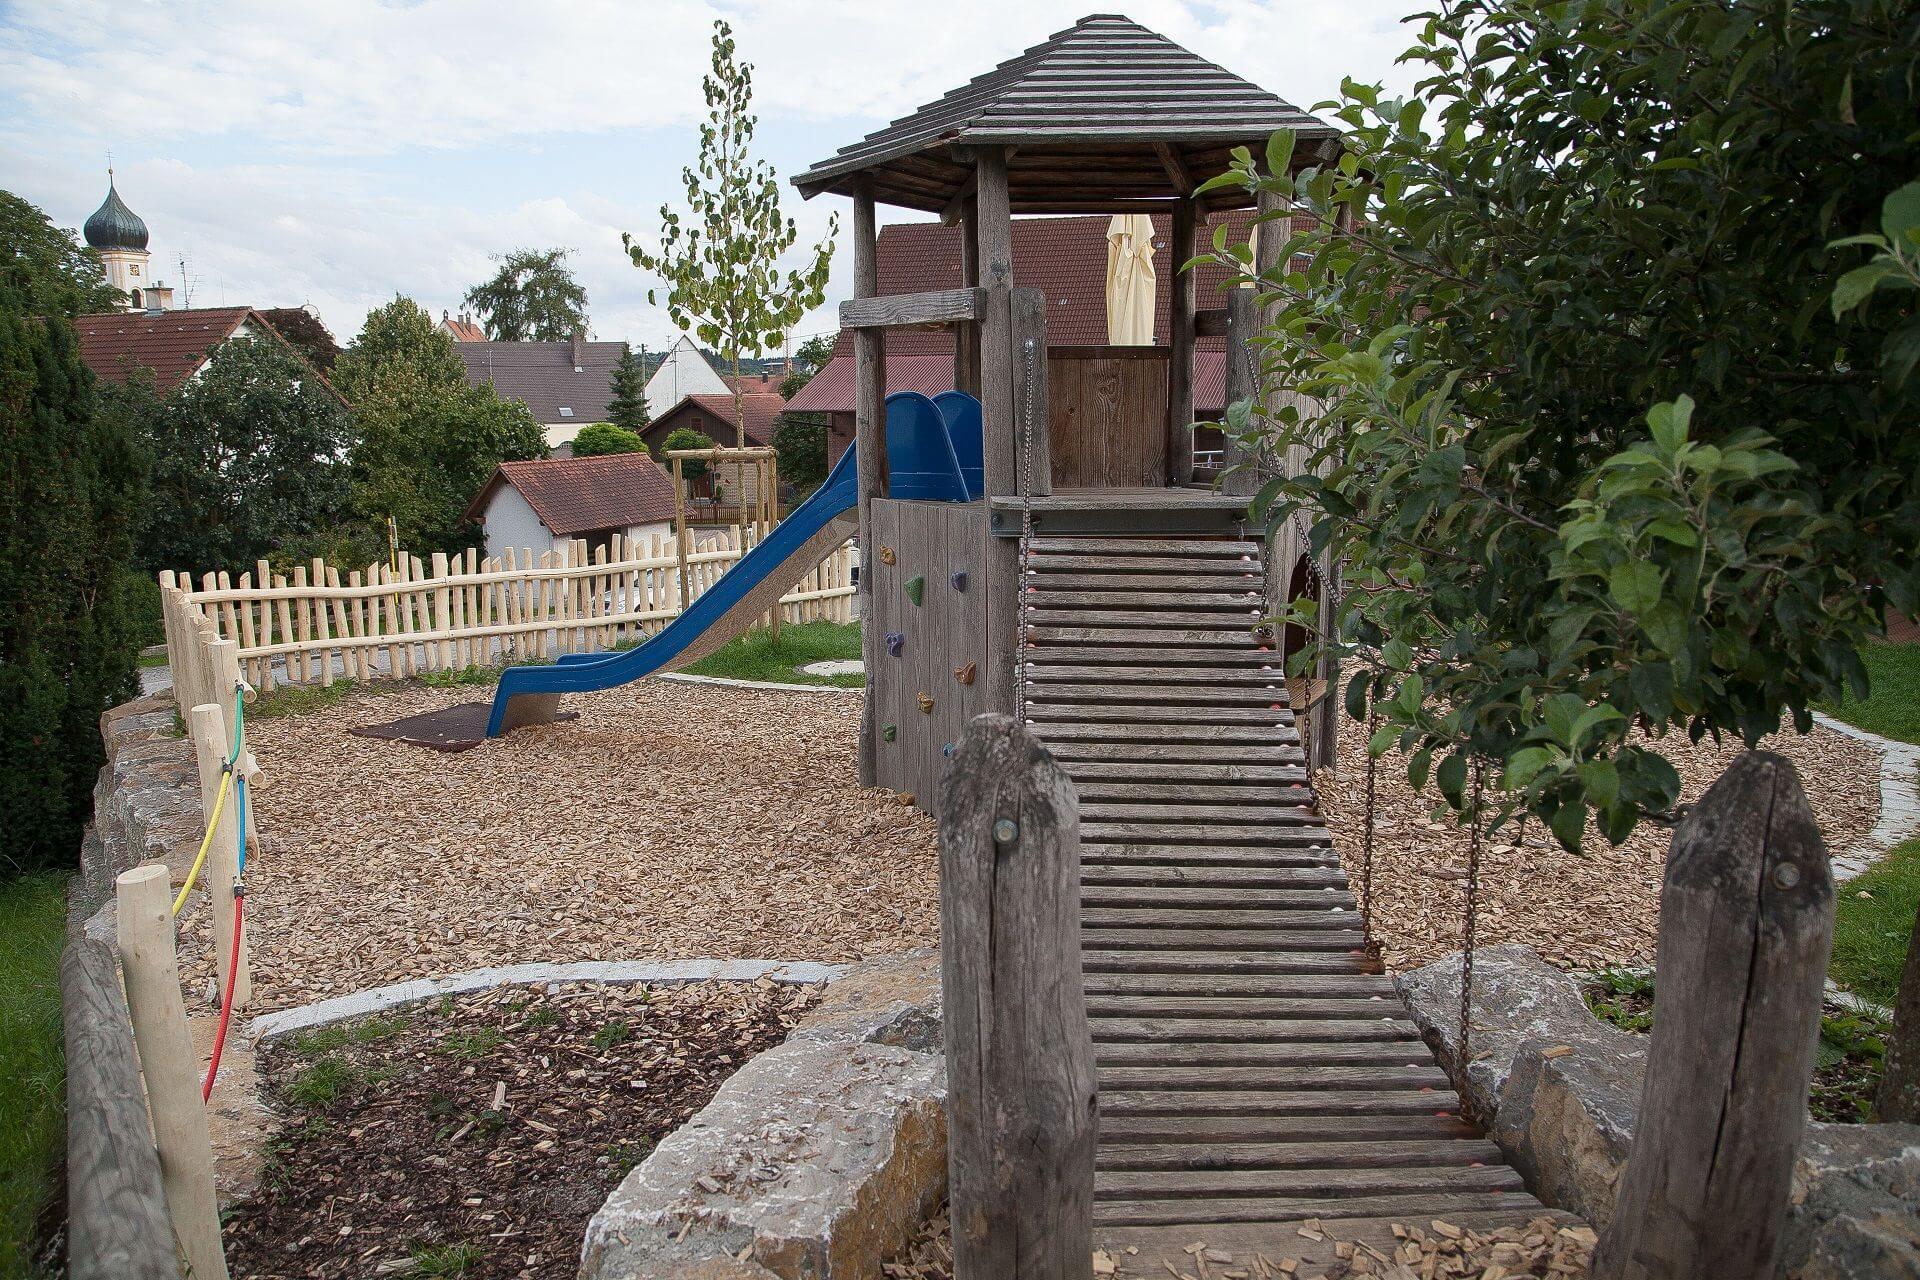 Kinderspielplatz mit Wackelbrücke